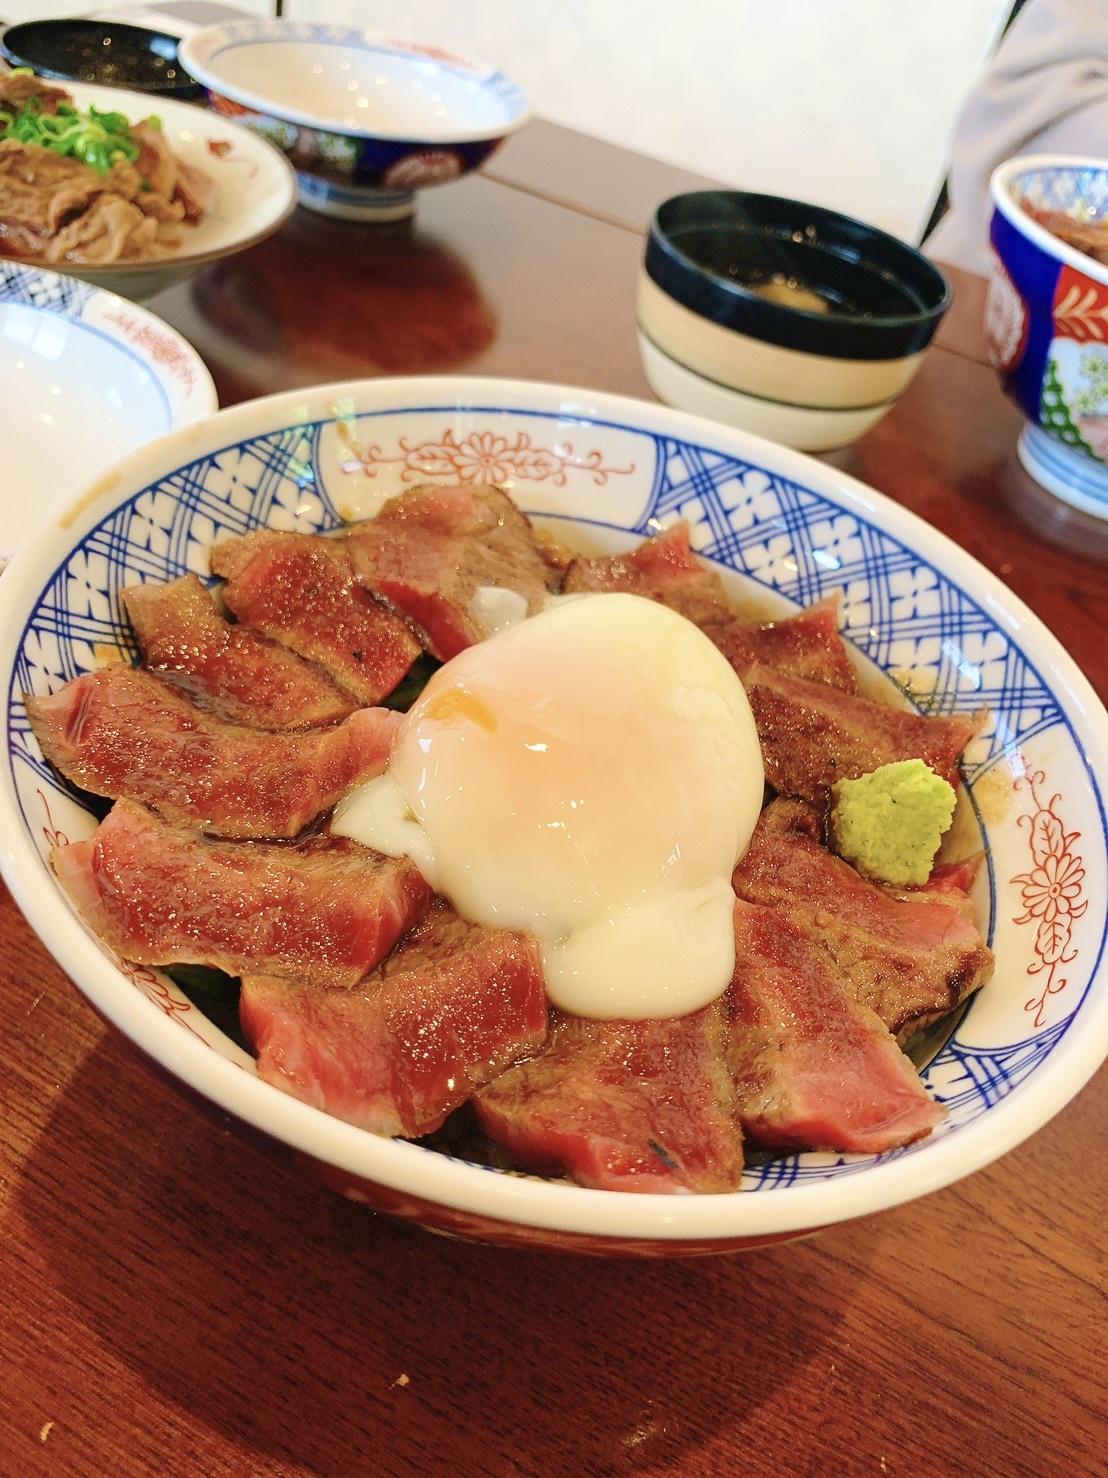 【3時間待ち】【熊本名物】あか牛丼を食べてきました!_2